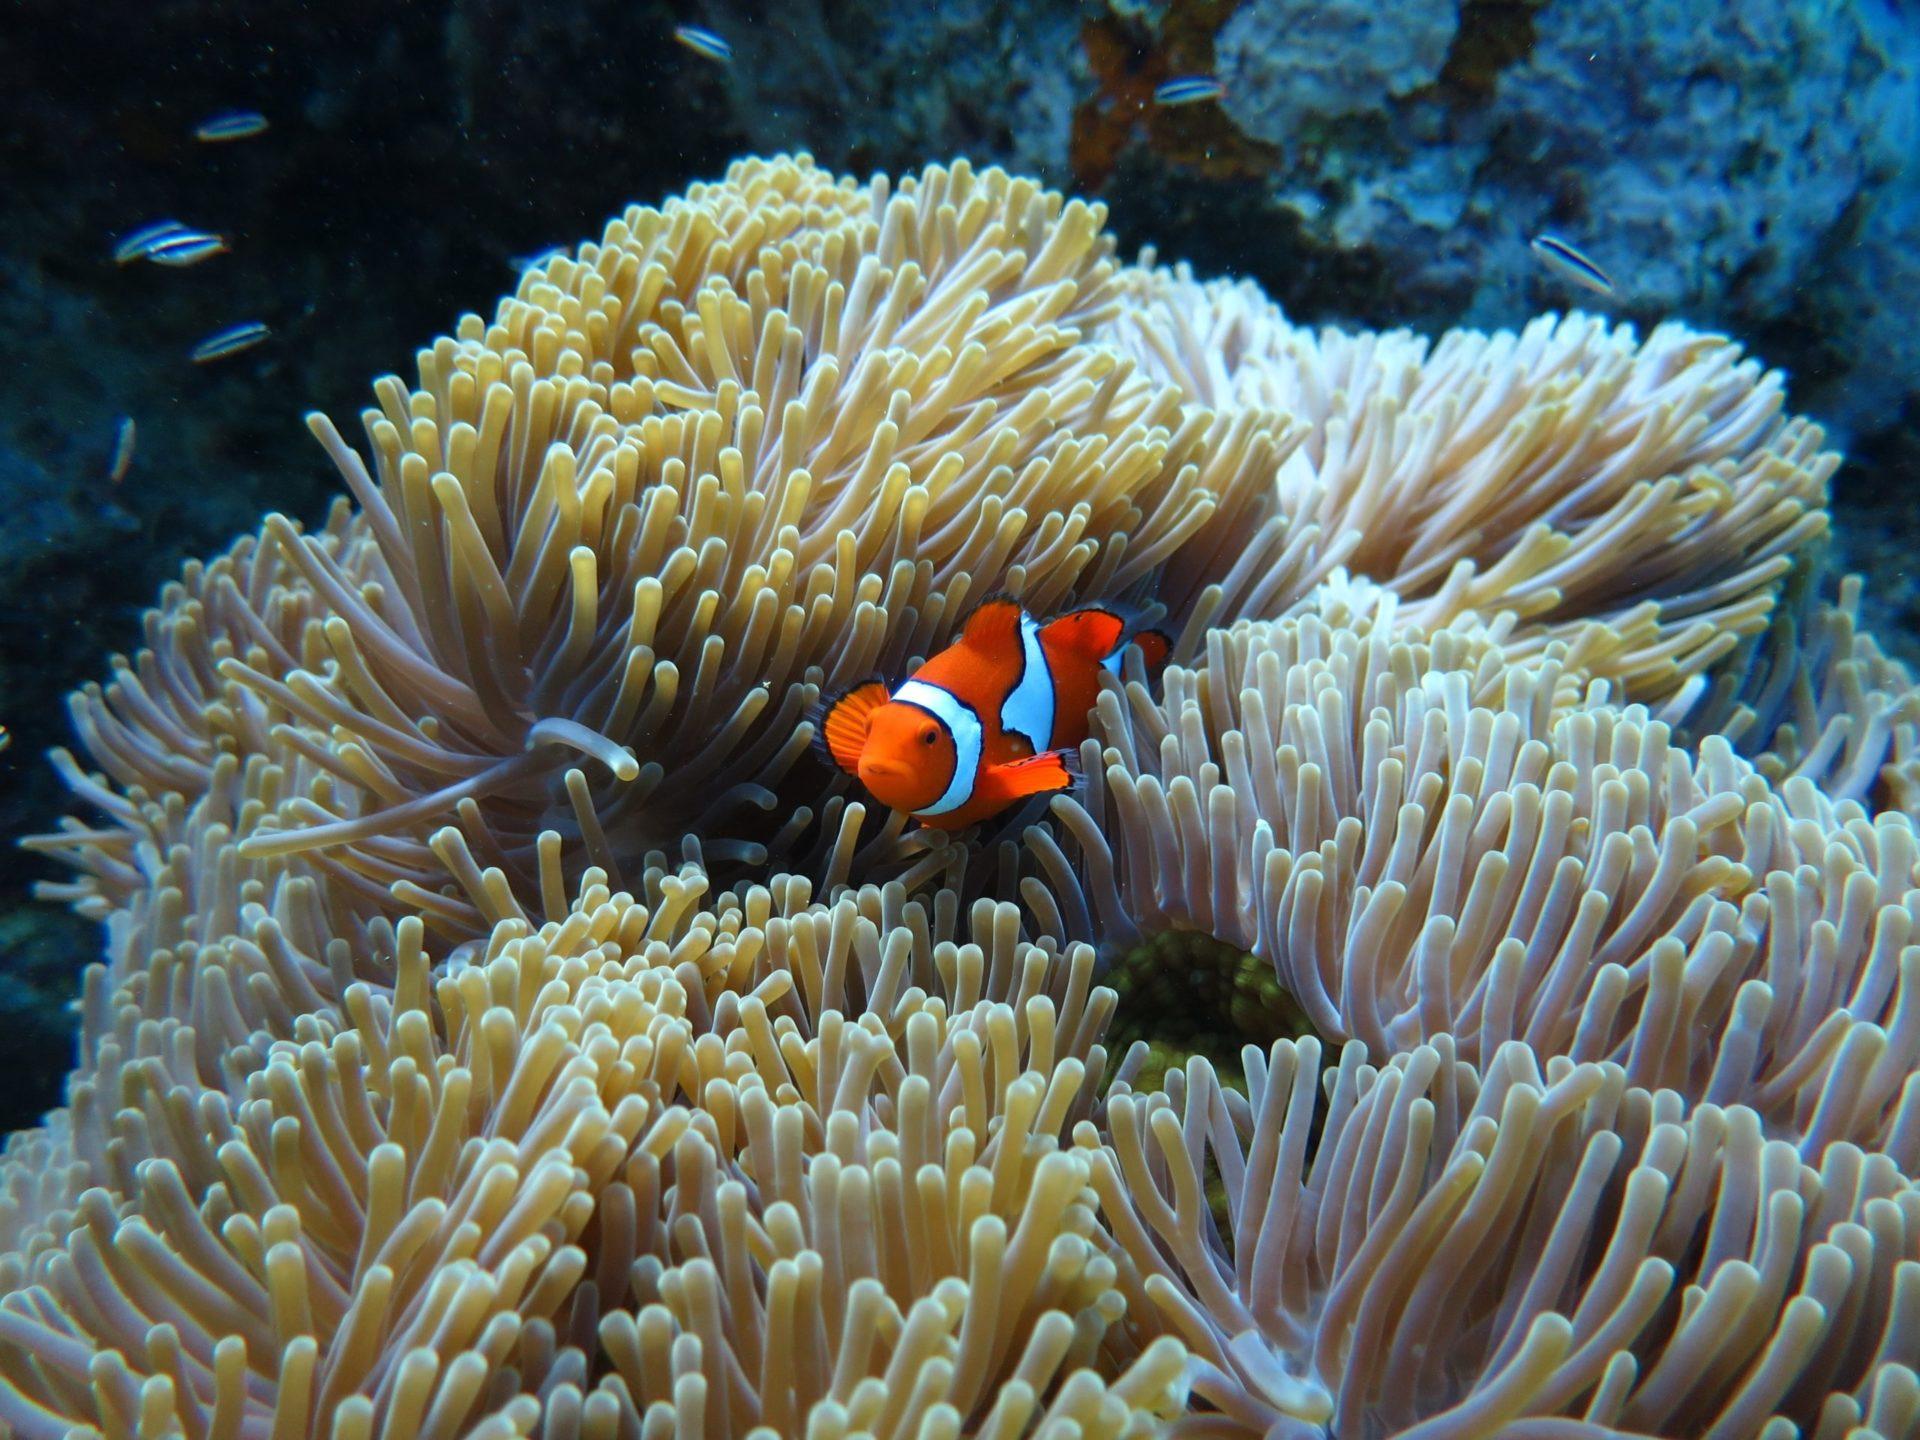 Wassertemperatur Makadi Bay: Im Roten Meer bei Ägypten fühlt sich ein leuchtend orangefarbener Clownfisch inmitten der Fangarme einer Seeanemone pudelwohl.